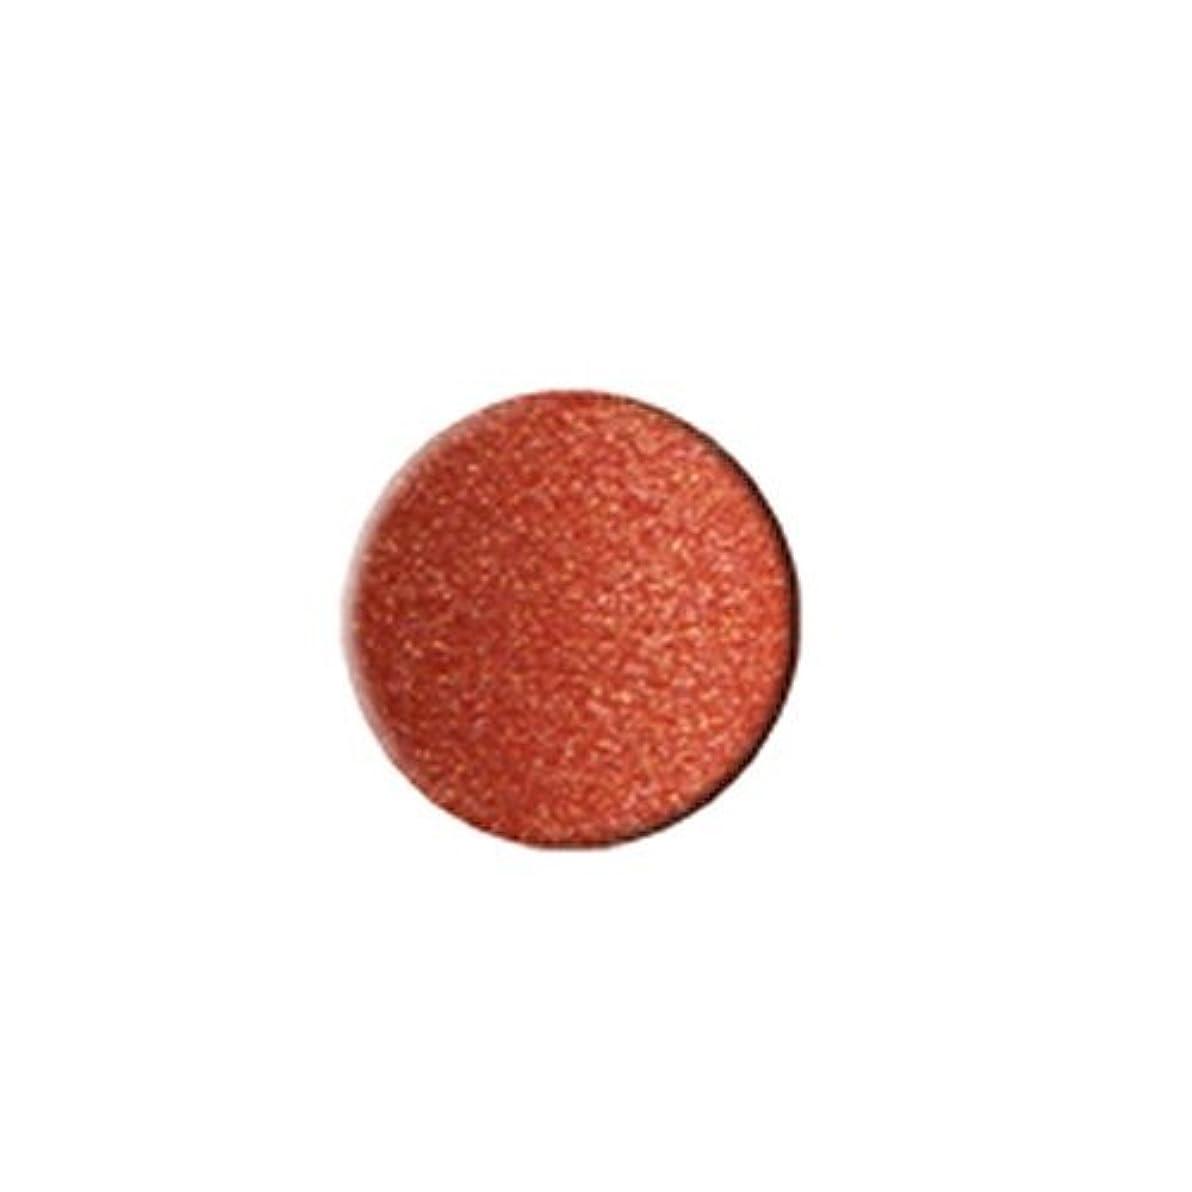 アームストロング同盟リファインKLEANCOLOR Everlasting Lipstick - Malibu (並行輸入品)